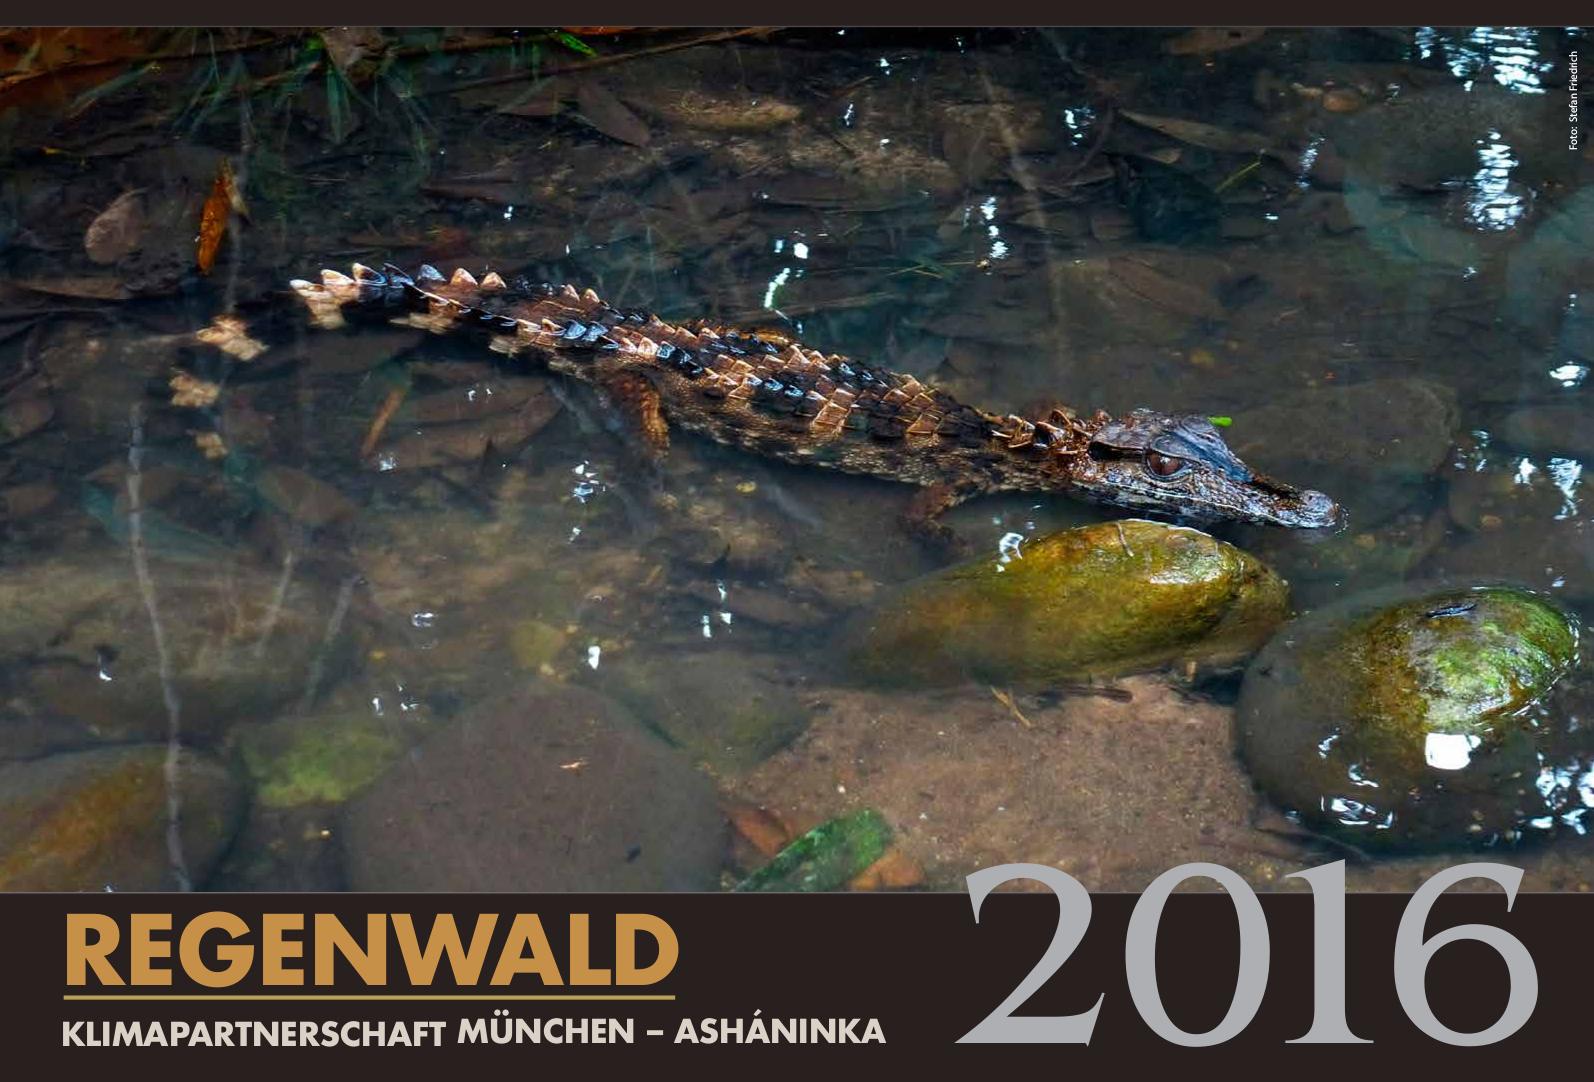 Regenwald_kalender_2016